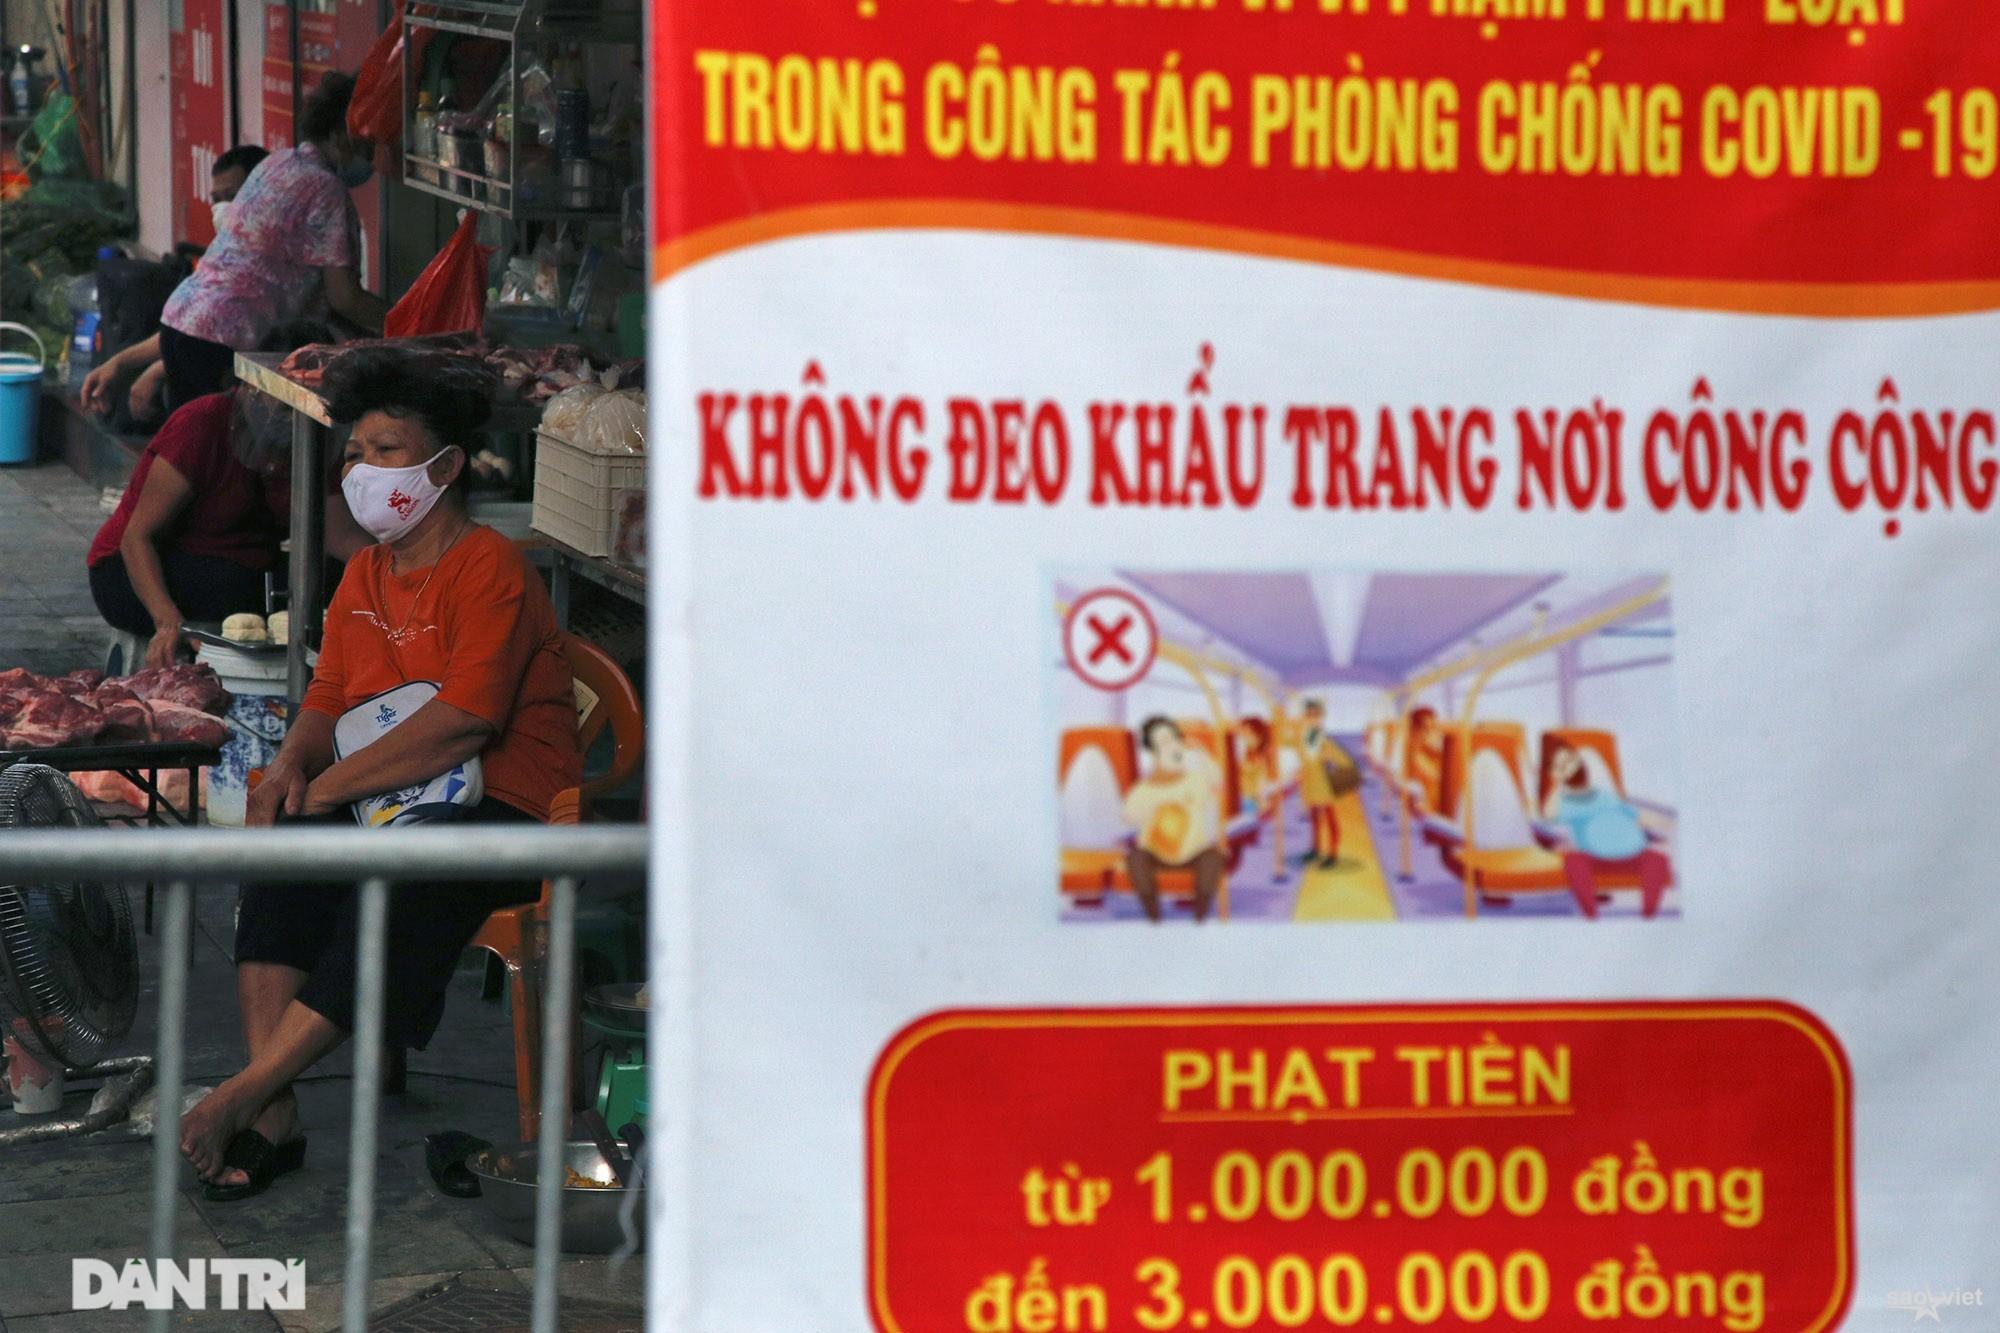 Mới lạ cảnh mua bán bằng ám hiệu ngón tay ở chợ nhà giàu phố cổ Hà Nội - 10